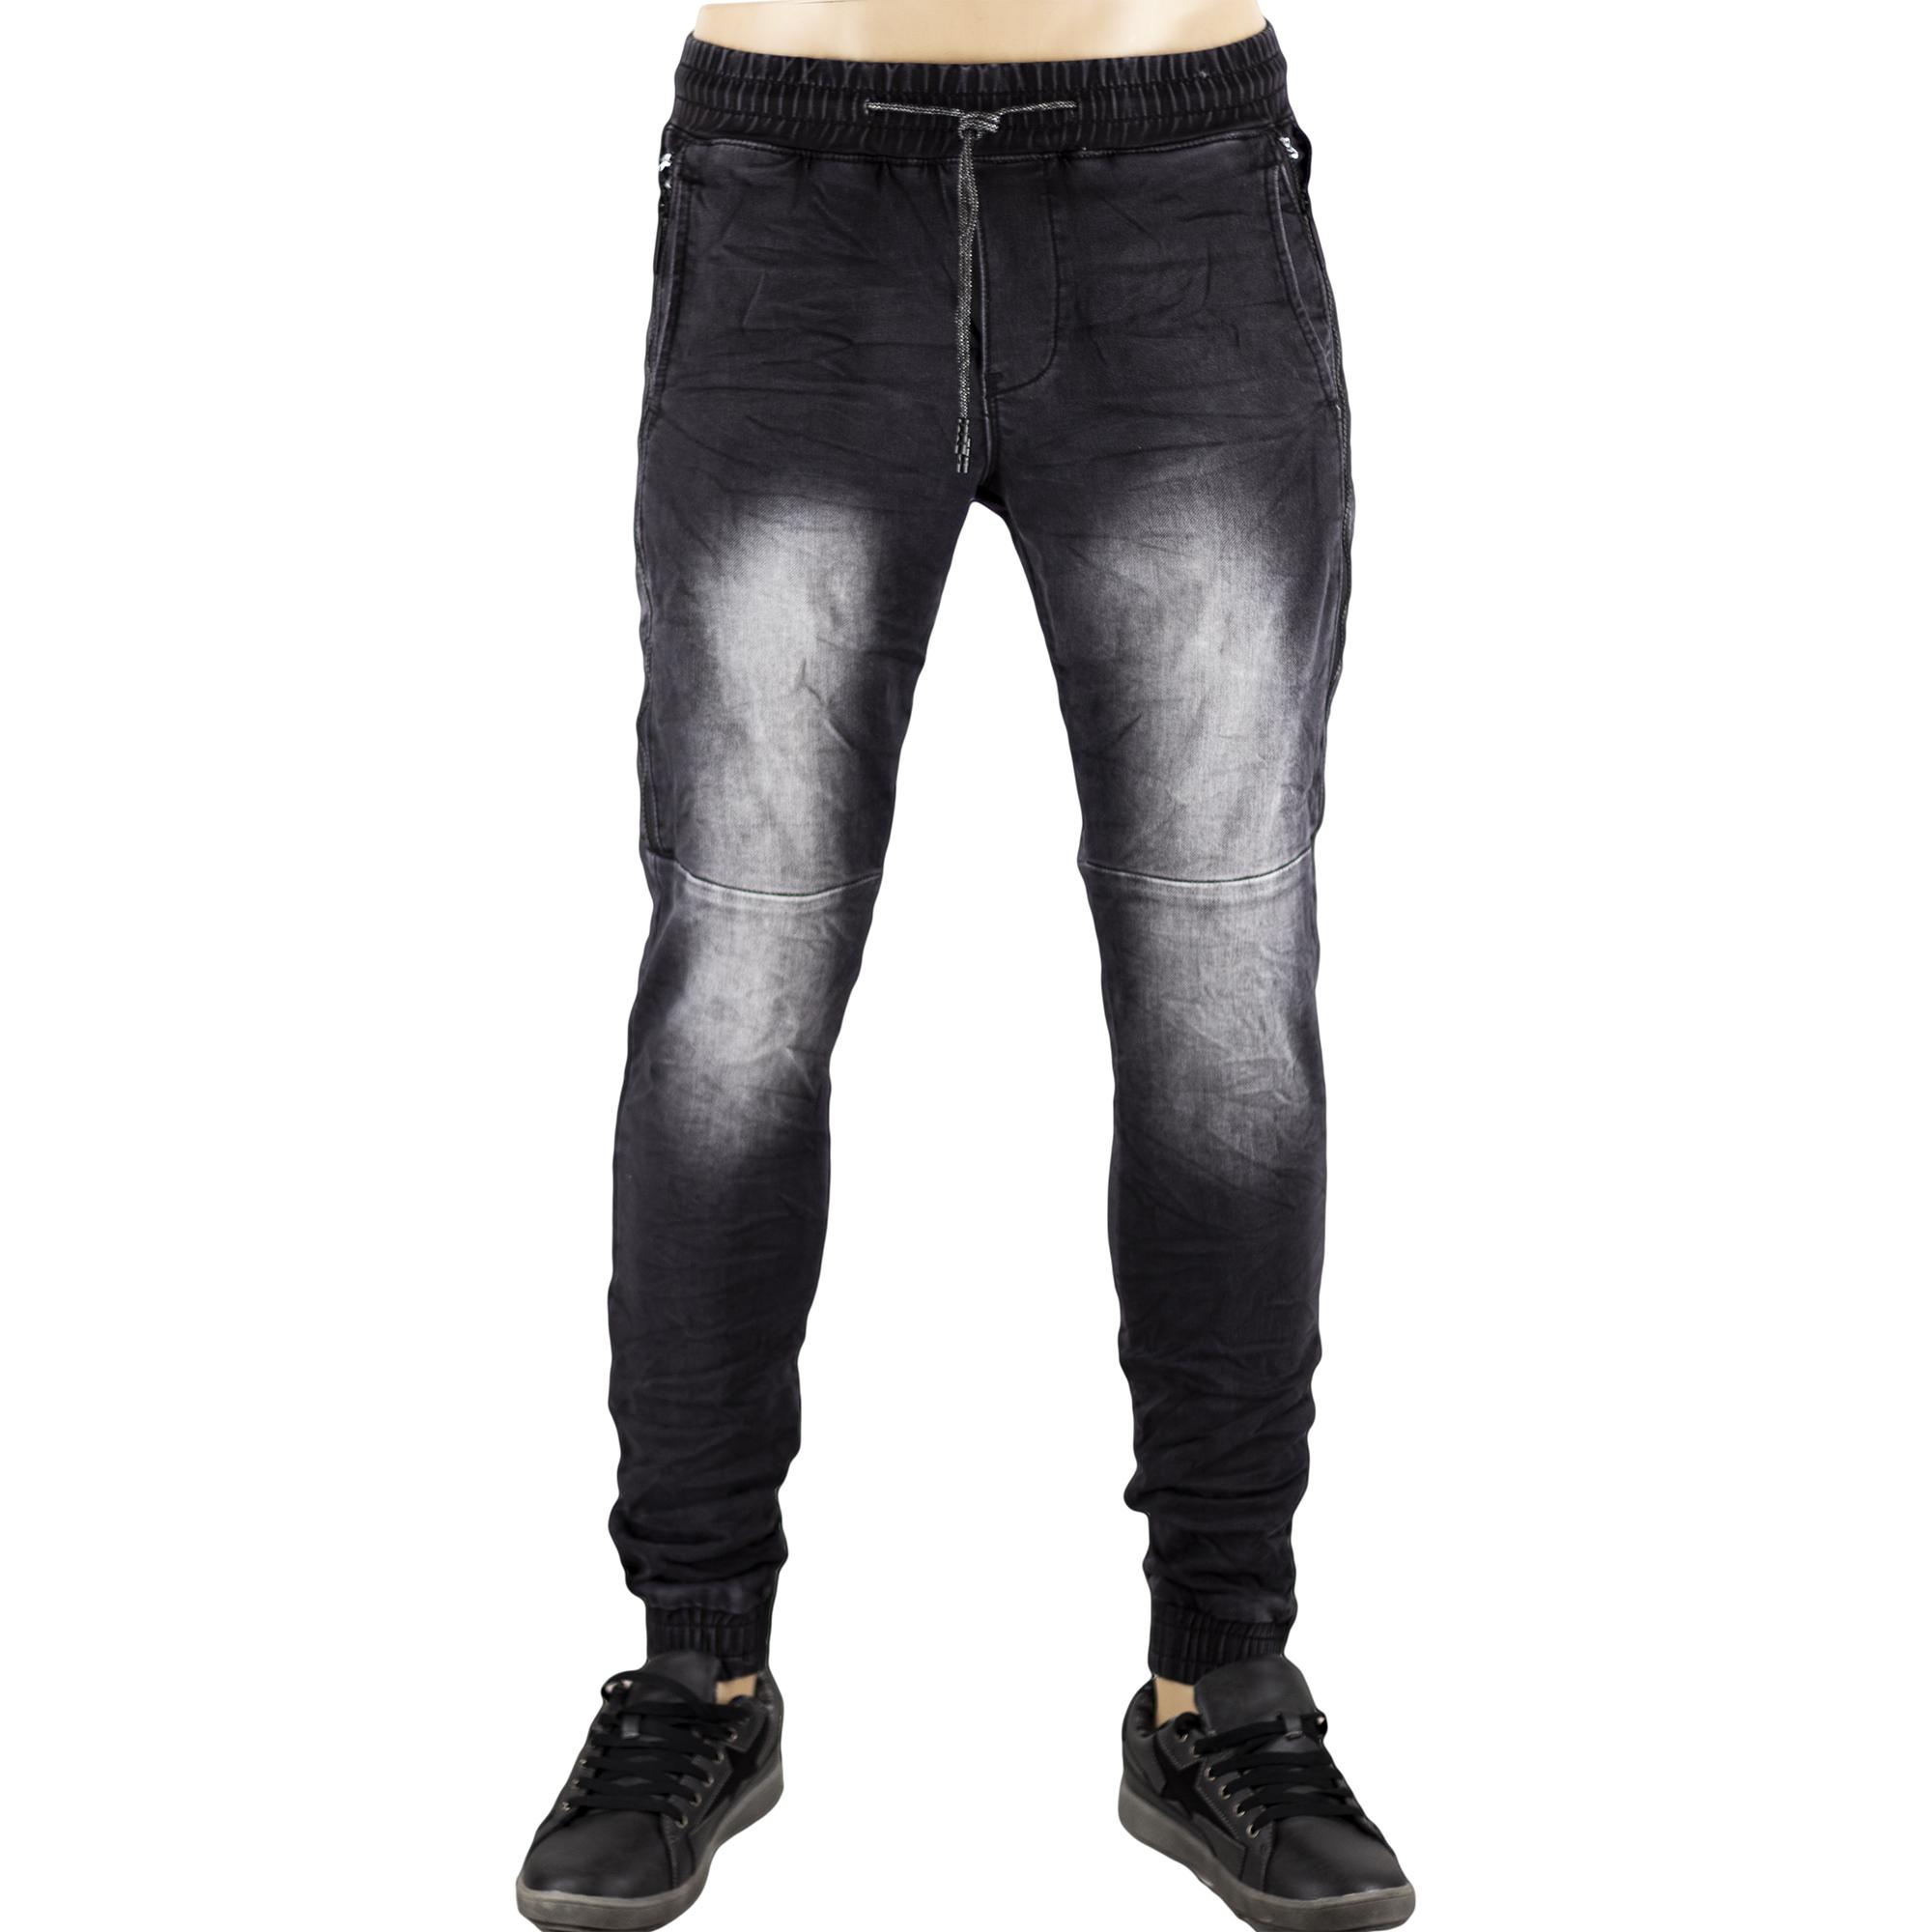 dinosauro Variante Annulla  Jeans Uomo Slim Fit Pantaloni con Molla Laccio e Polsino Skinny Aderenti  Nero - RUSH Store